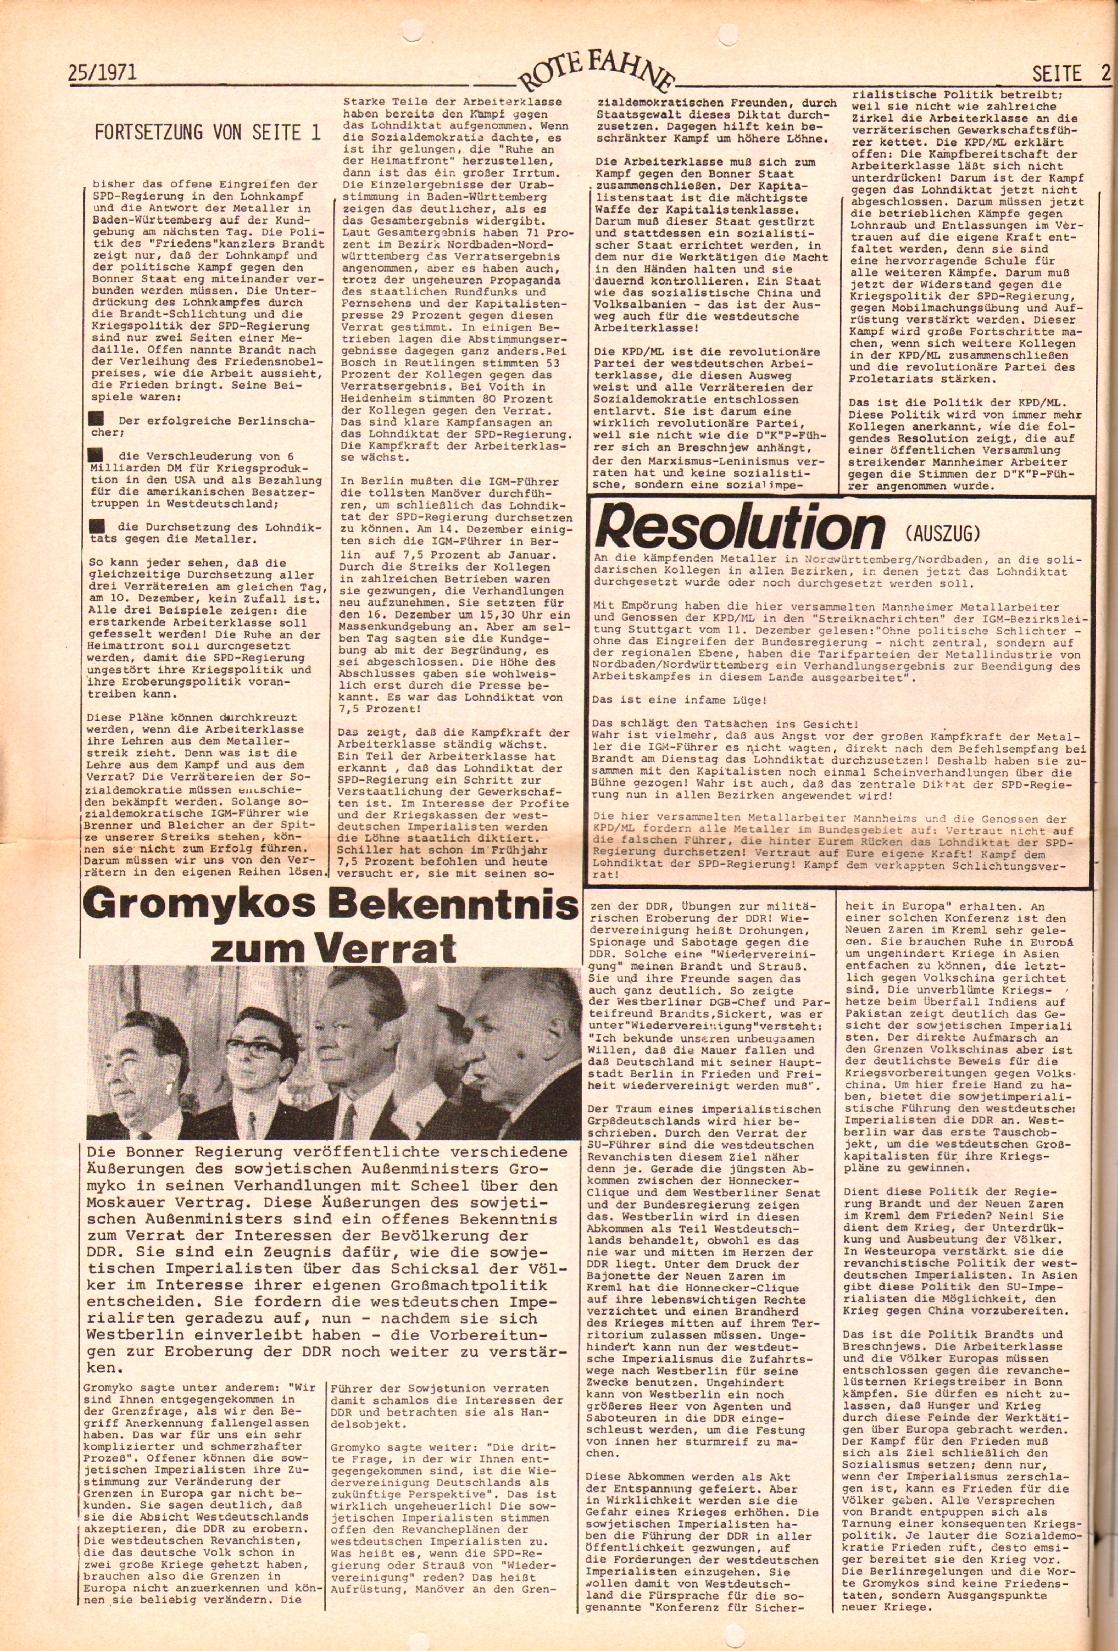 Rote Fahne, 2. Jg., 20.12.1971, Nr. 25, Seite 2